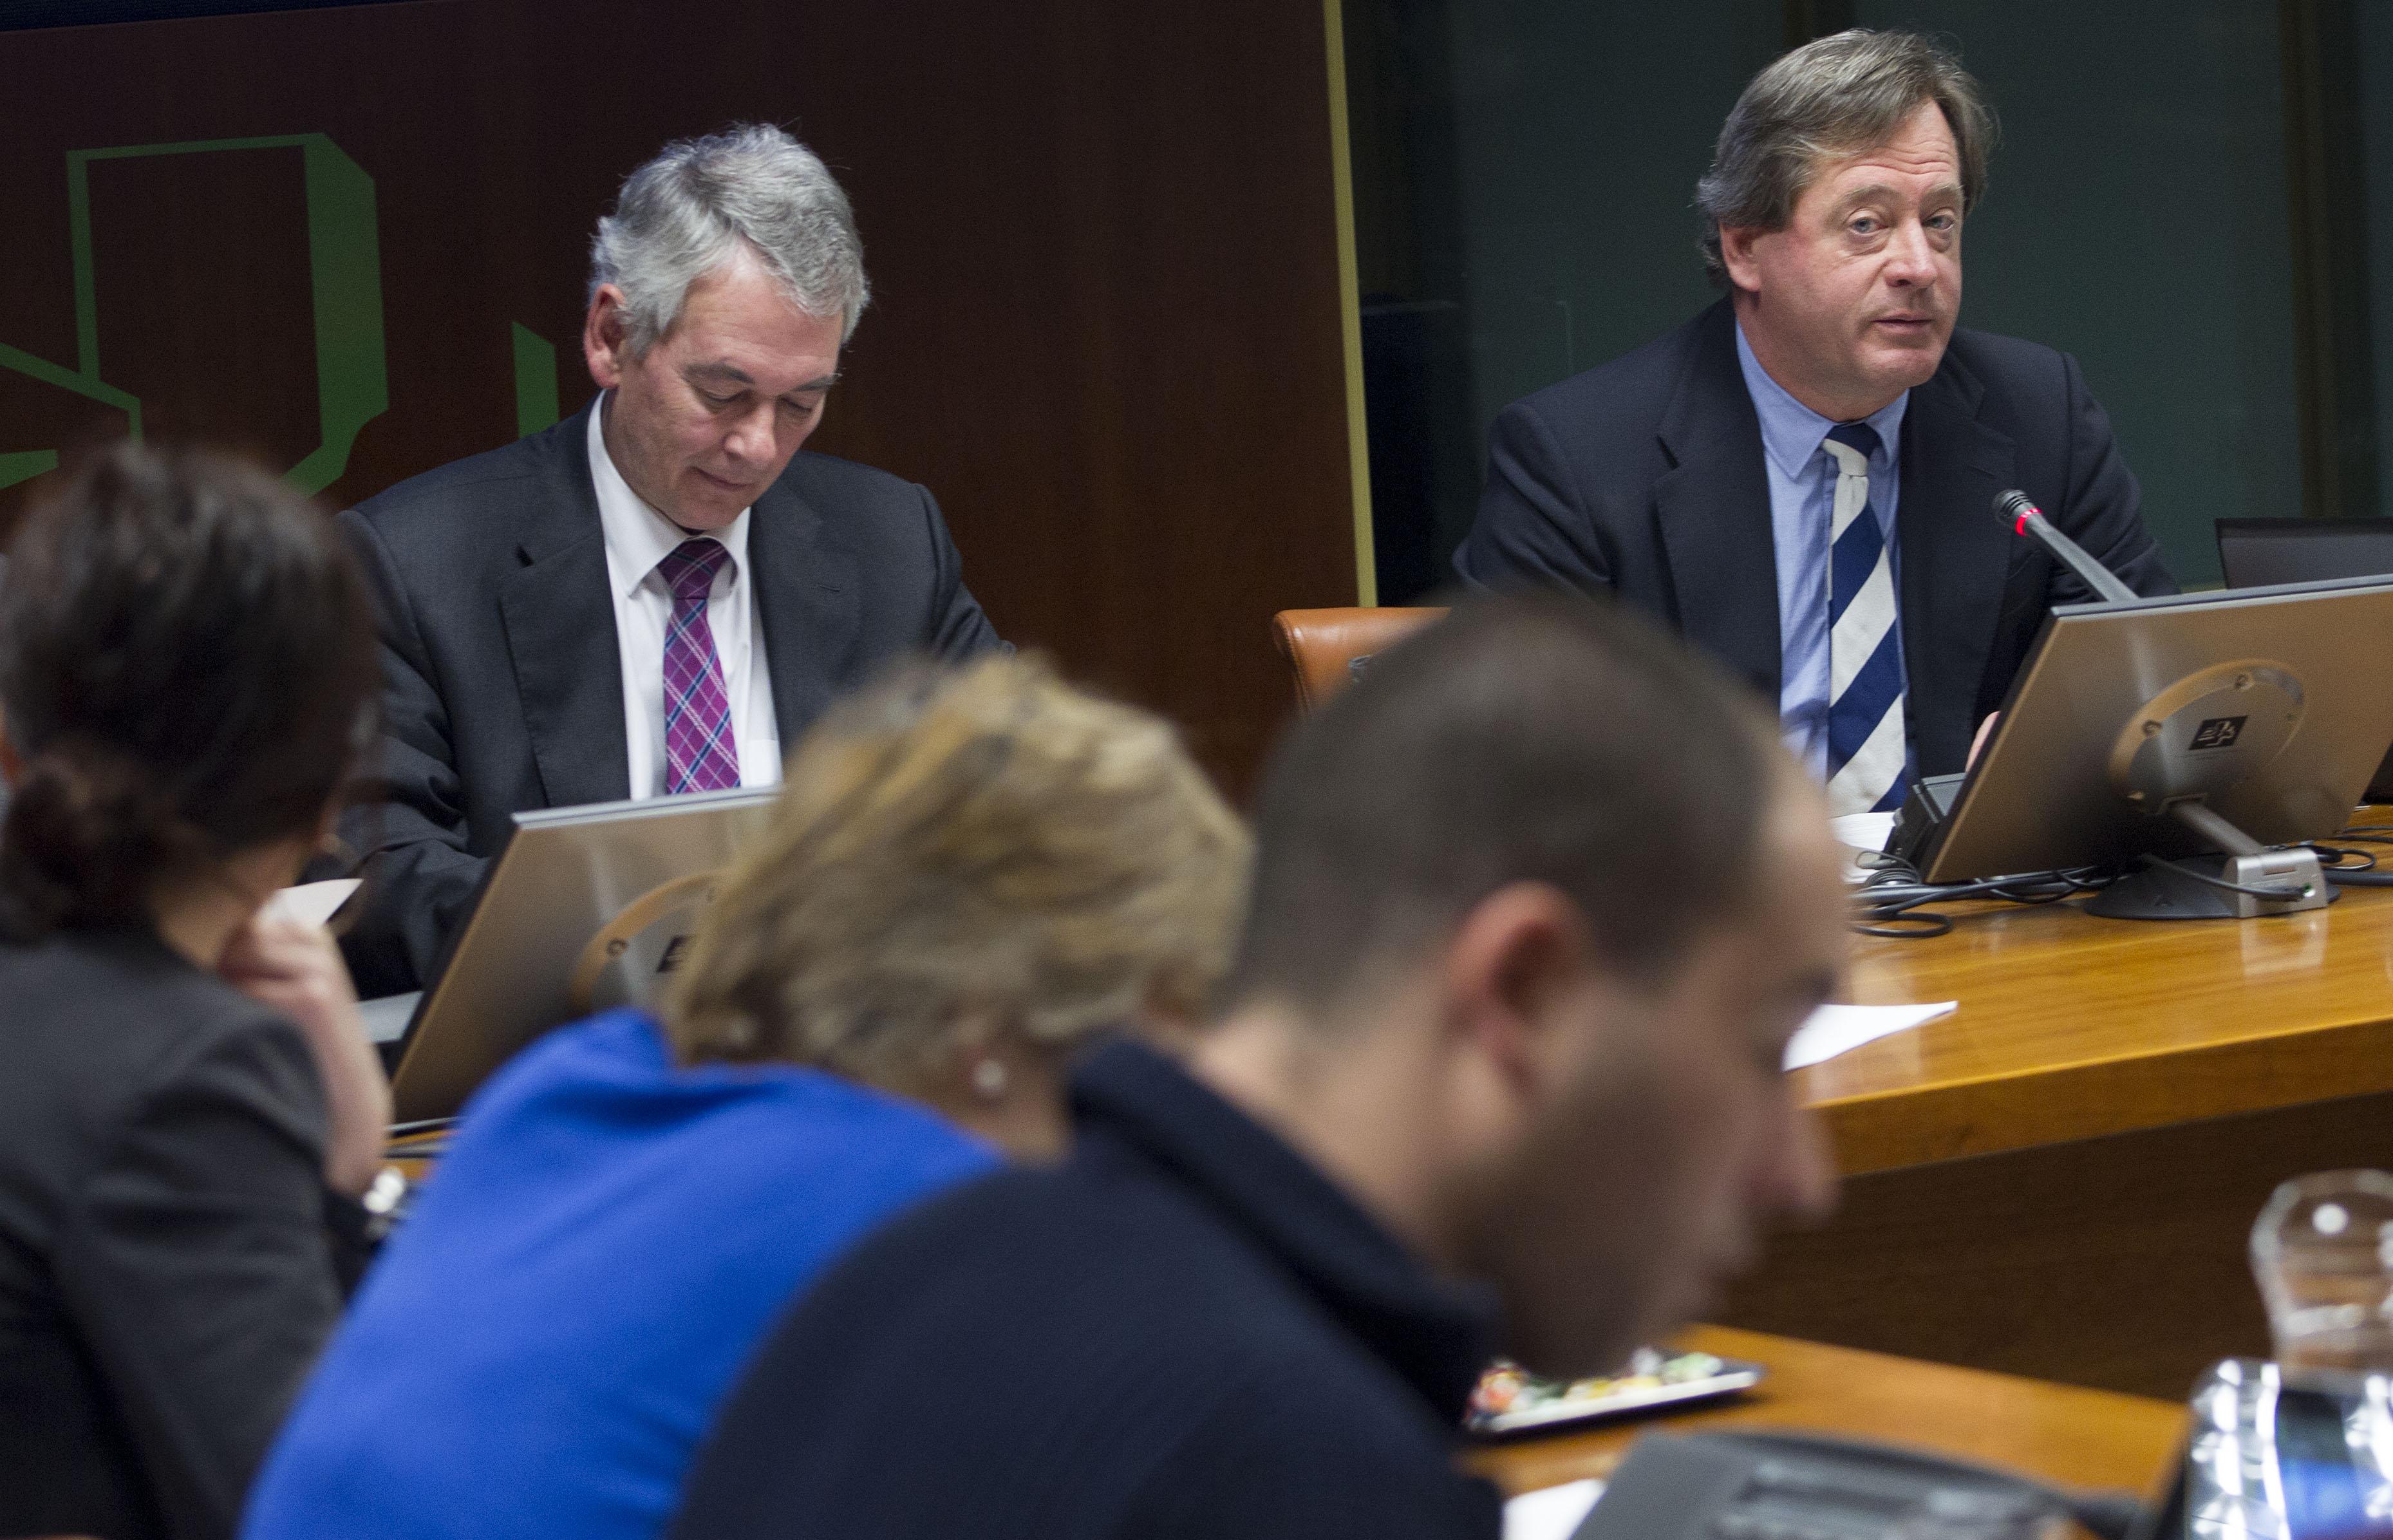 Comisión de Hacienda y Presupuestos. Comparecencia del Consejero de Cultura y Política Lingüística Bingen Zupiria